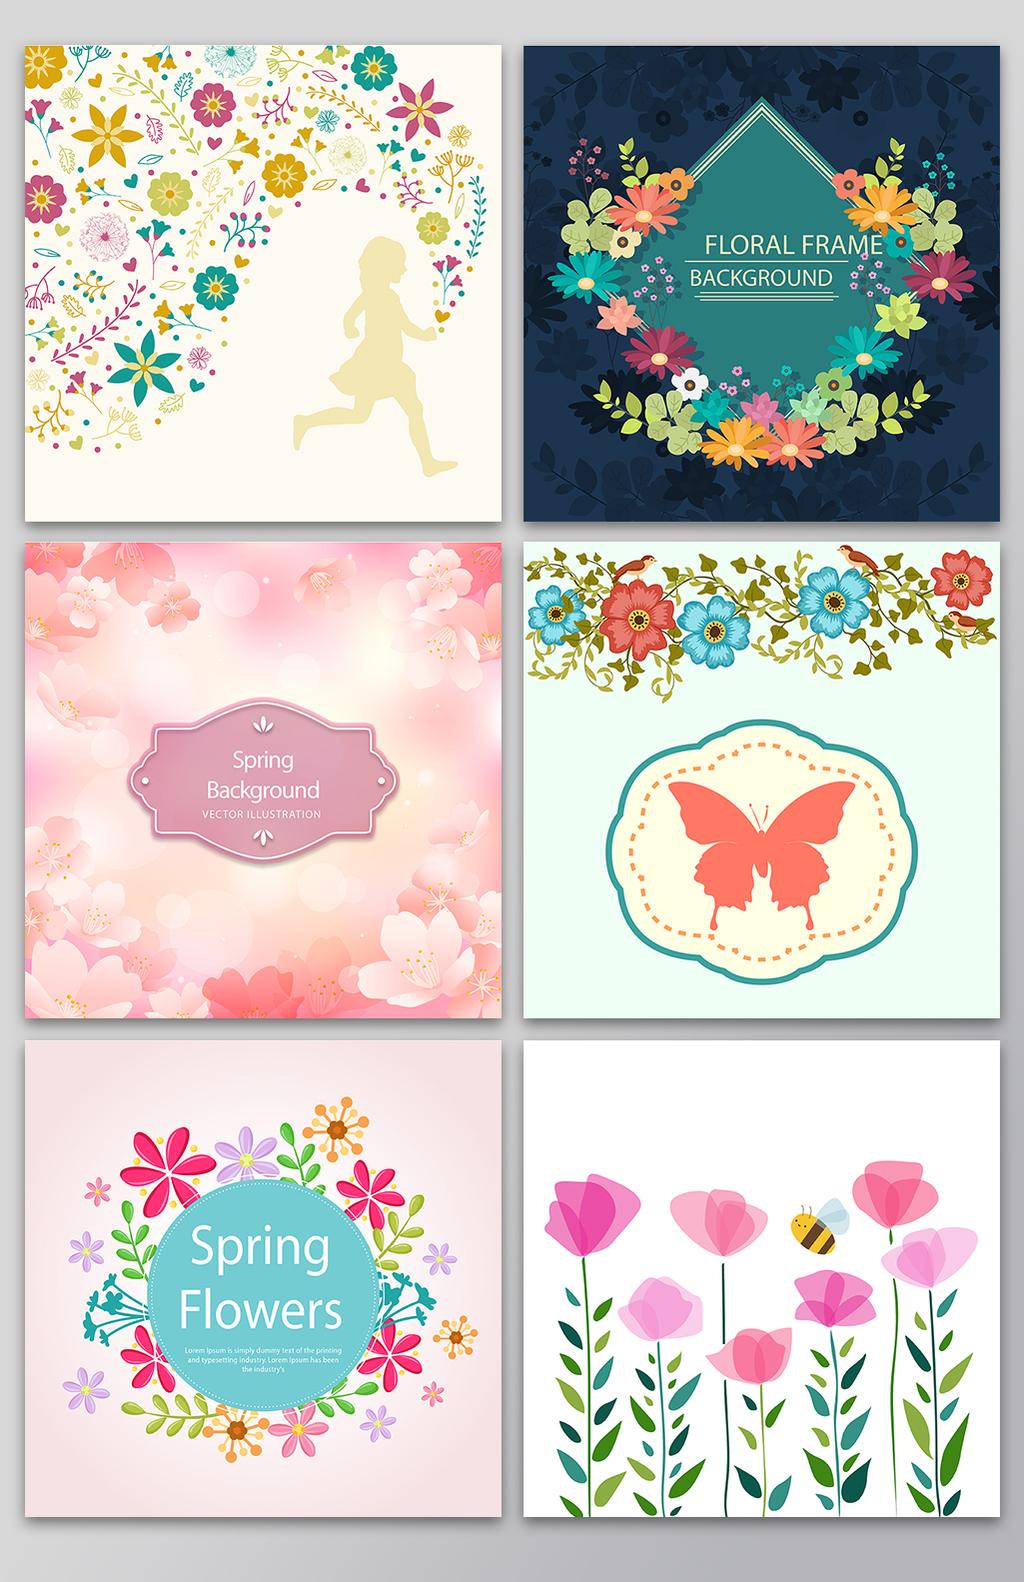 花卉背景手绘素描素材ai矢量图免费下载